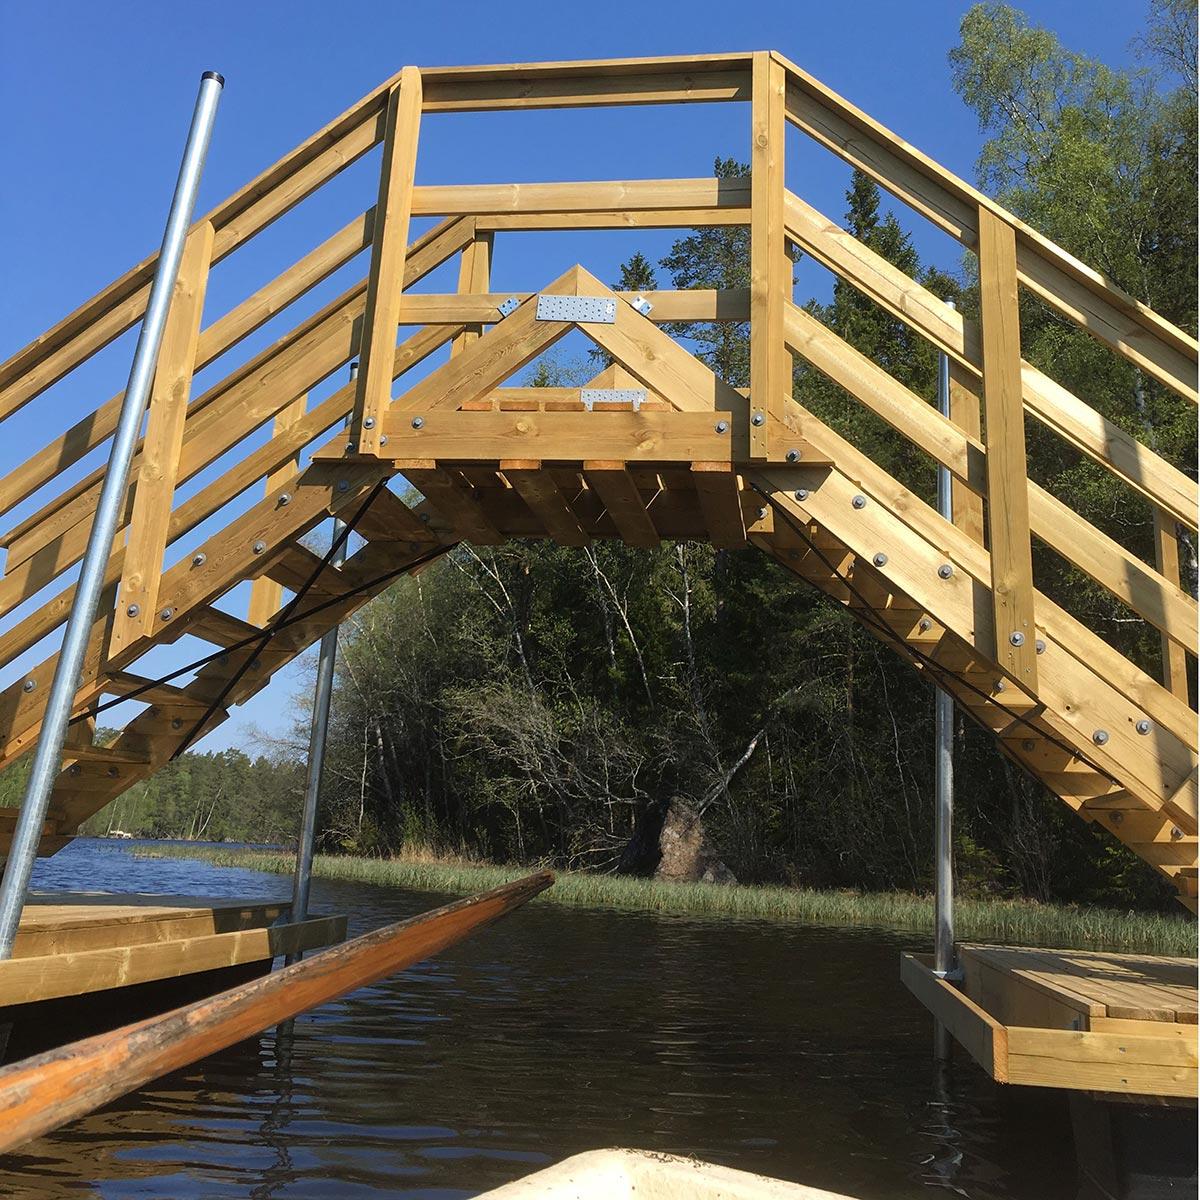 Första passagen genom bron med en liten eka.